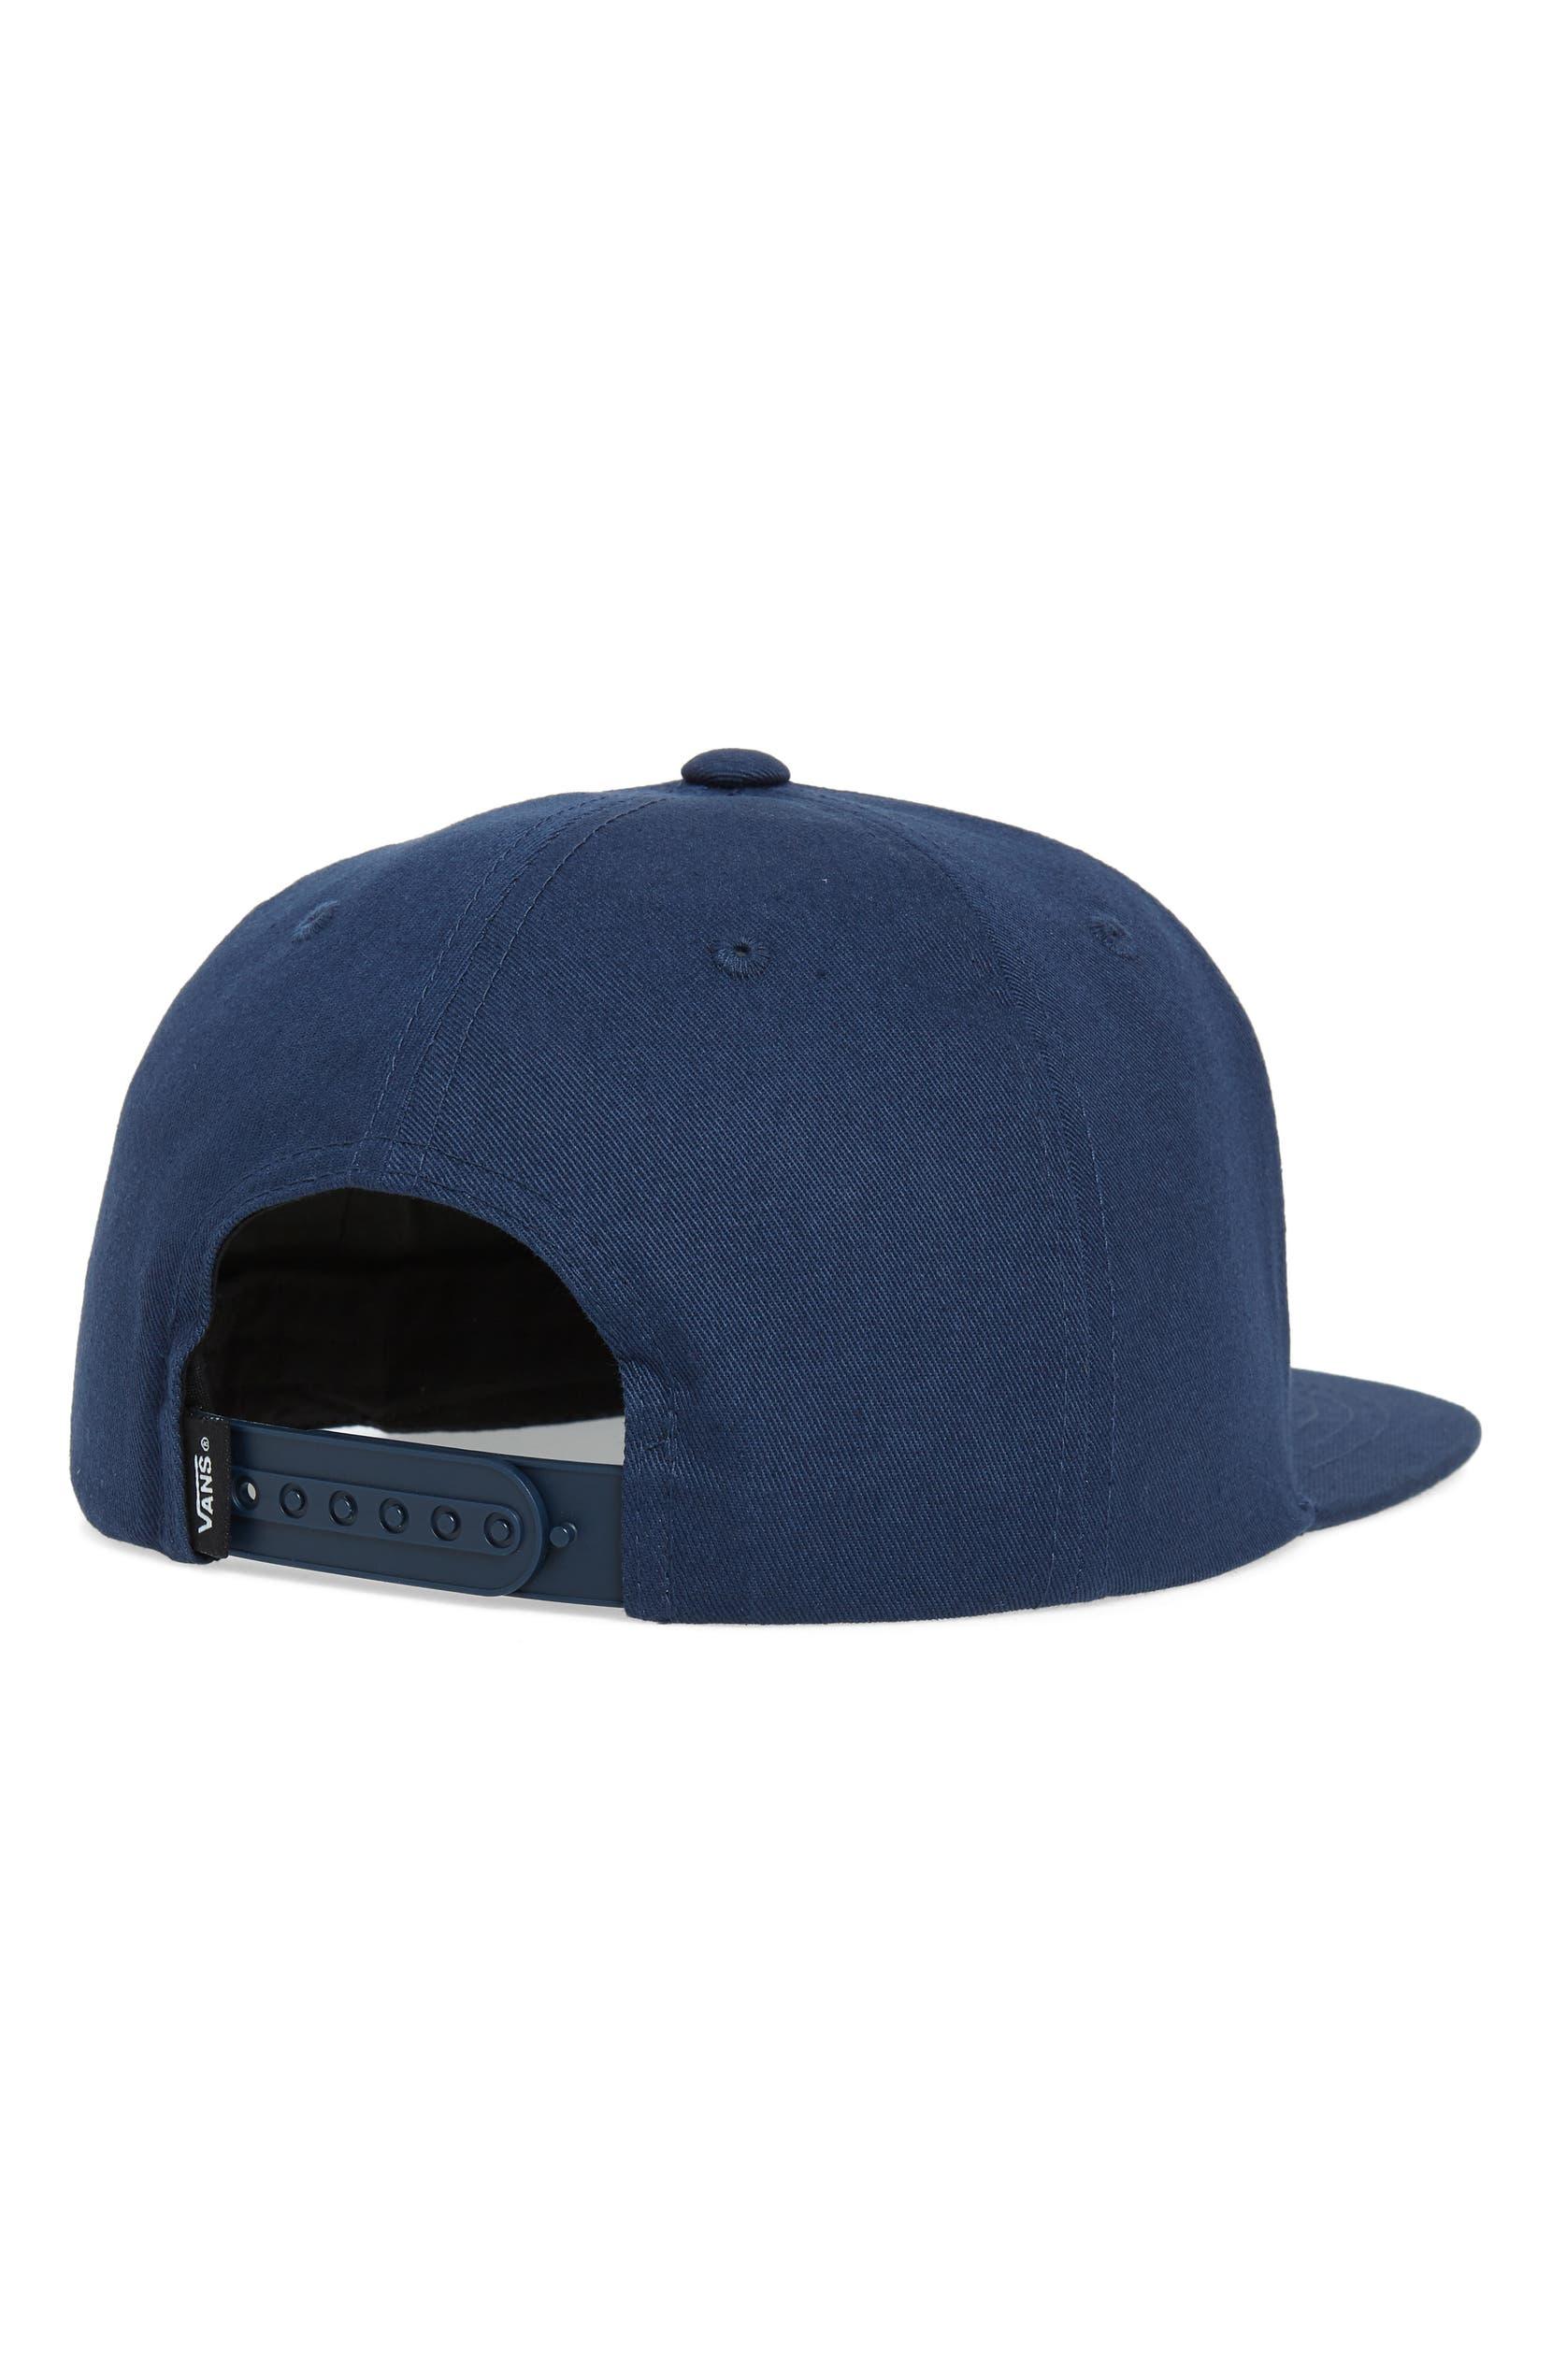 Vans Whitford Snapback Hat (Kids)  f4d34ba9171